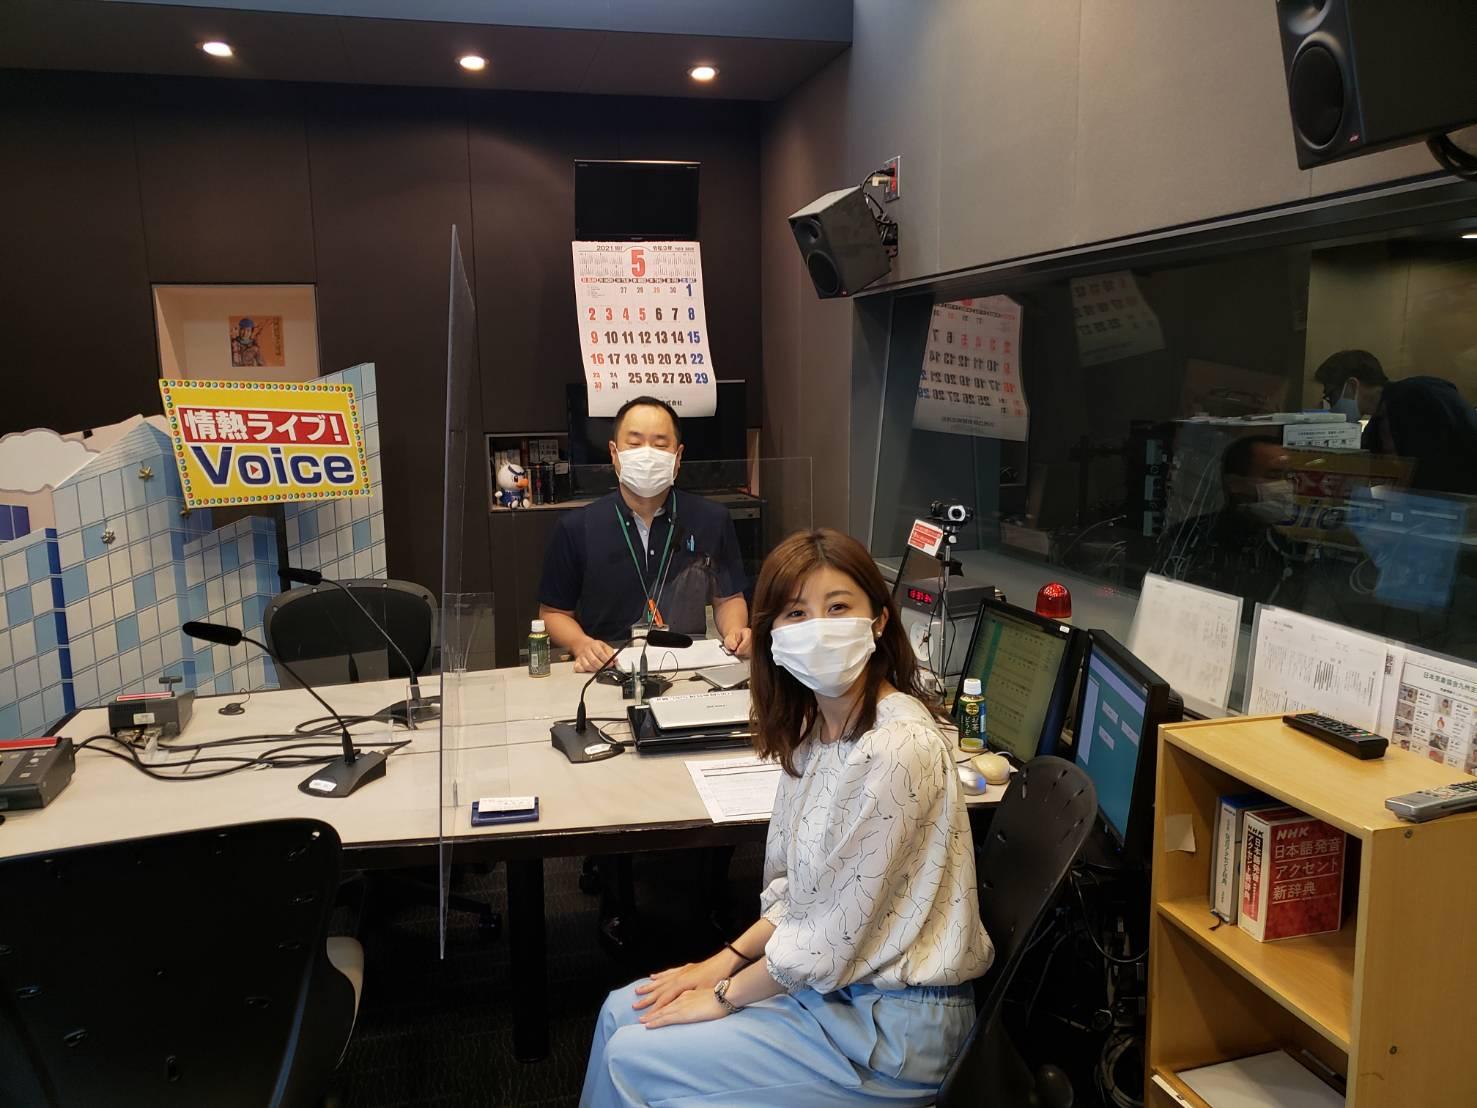 OBSラジオ【情報ライブ!Voice】の収録がありました